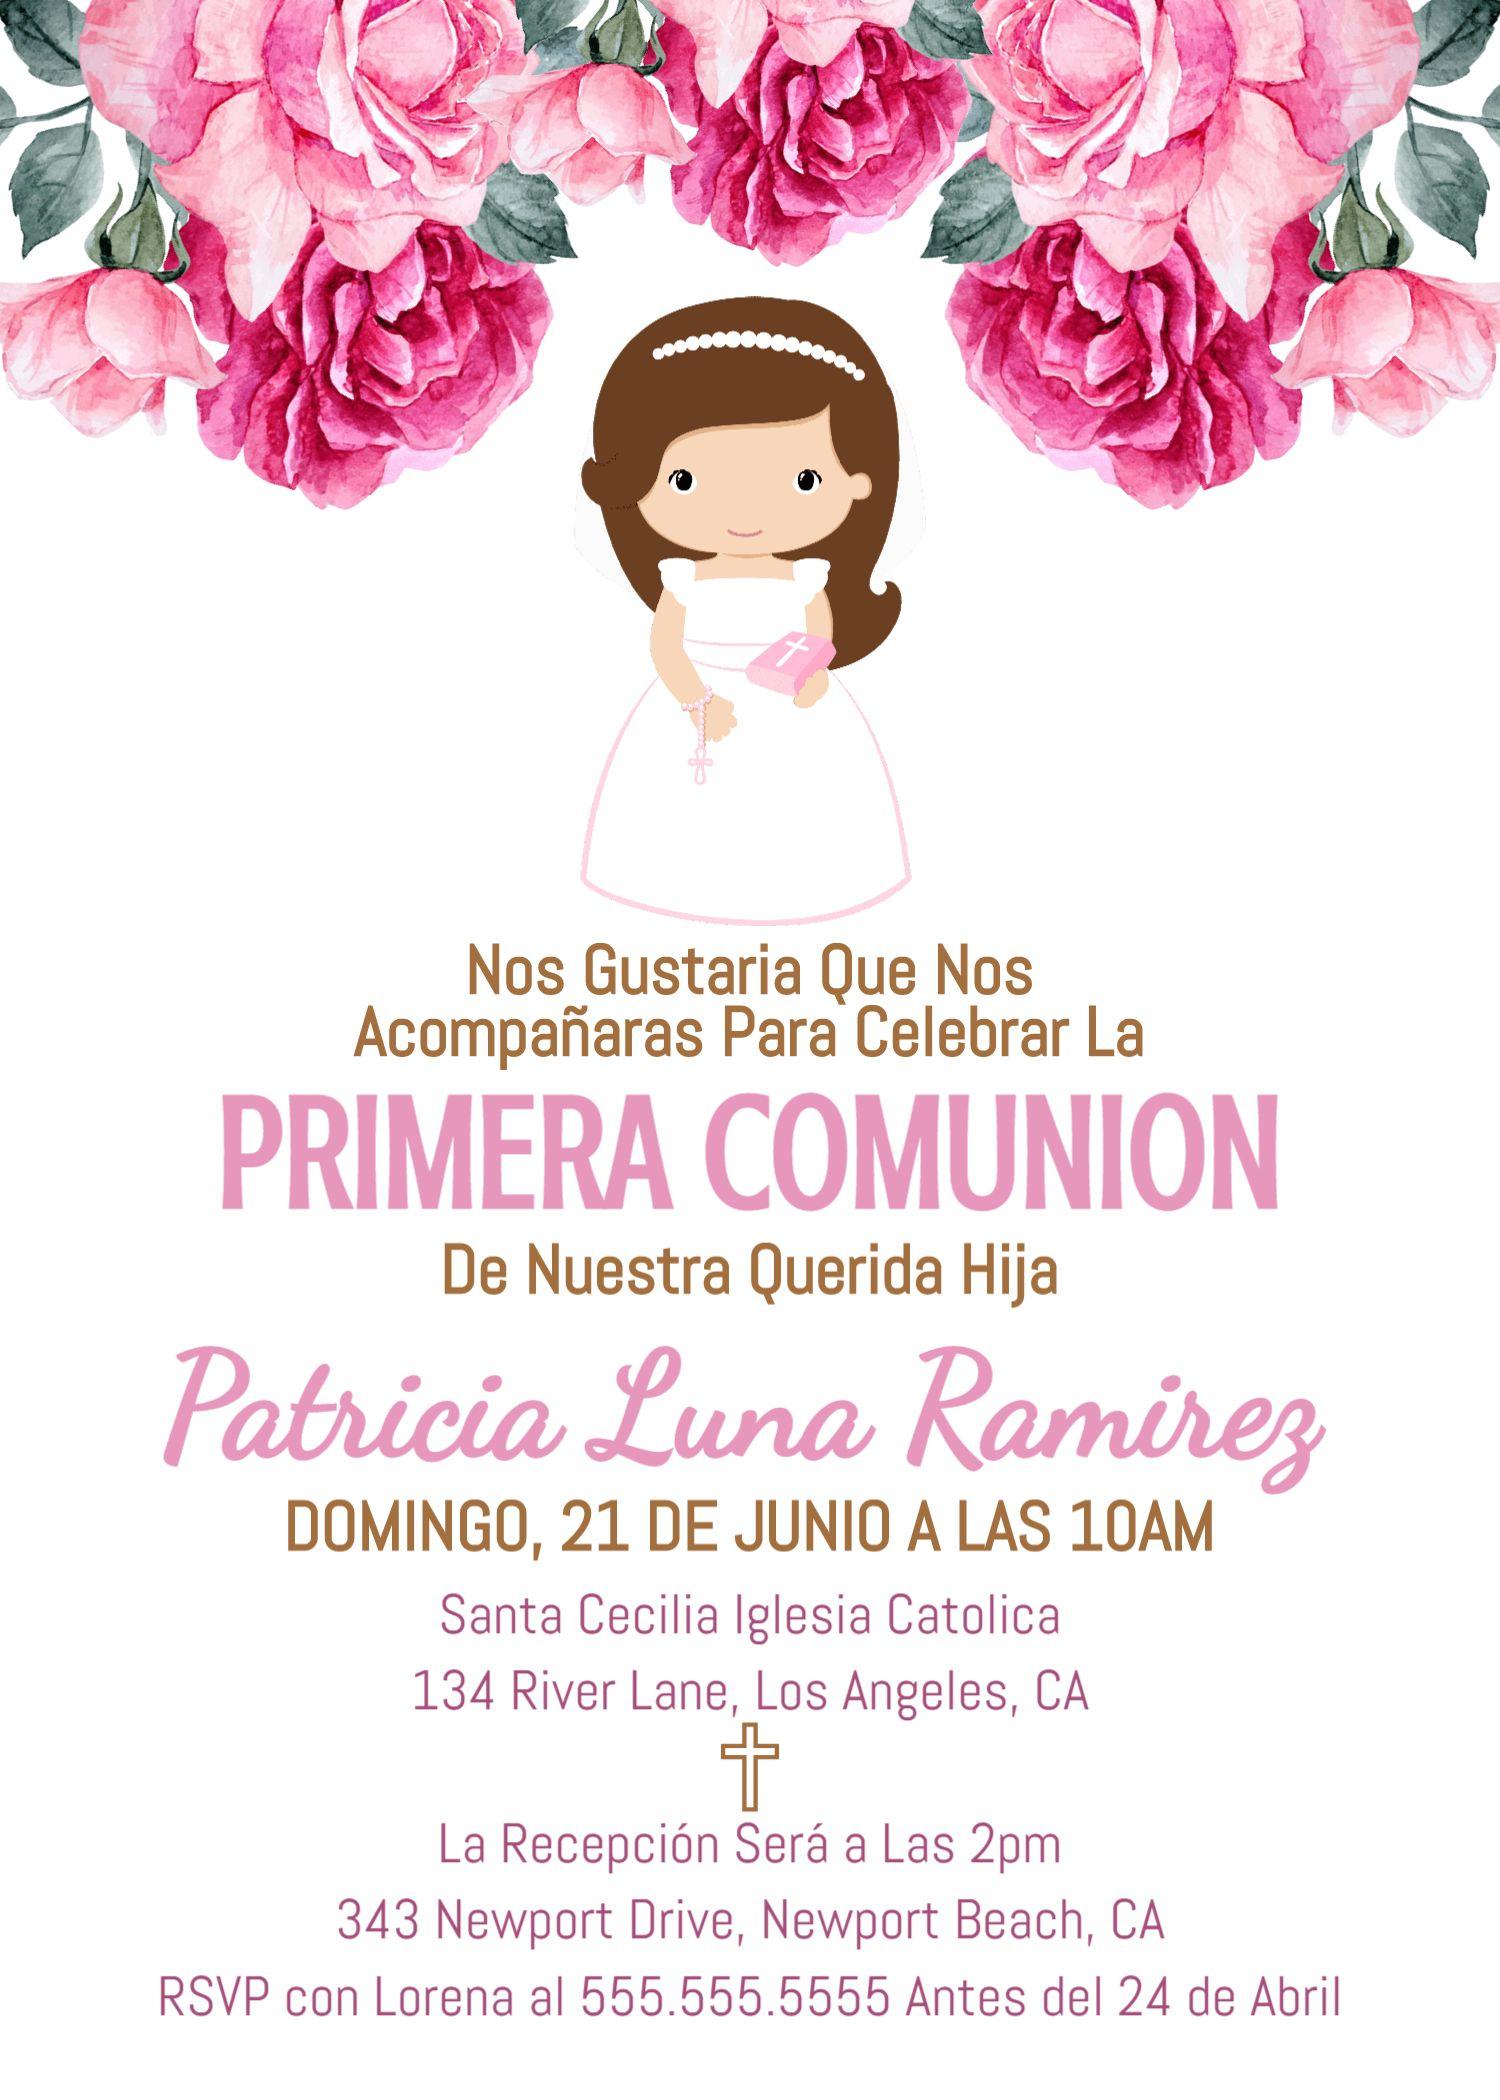 Invitacion Primera Comunion Printable First Communion Invitation Girl Nena Tarjeta Carta 1st